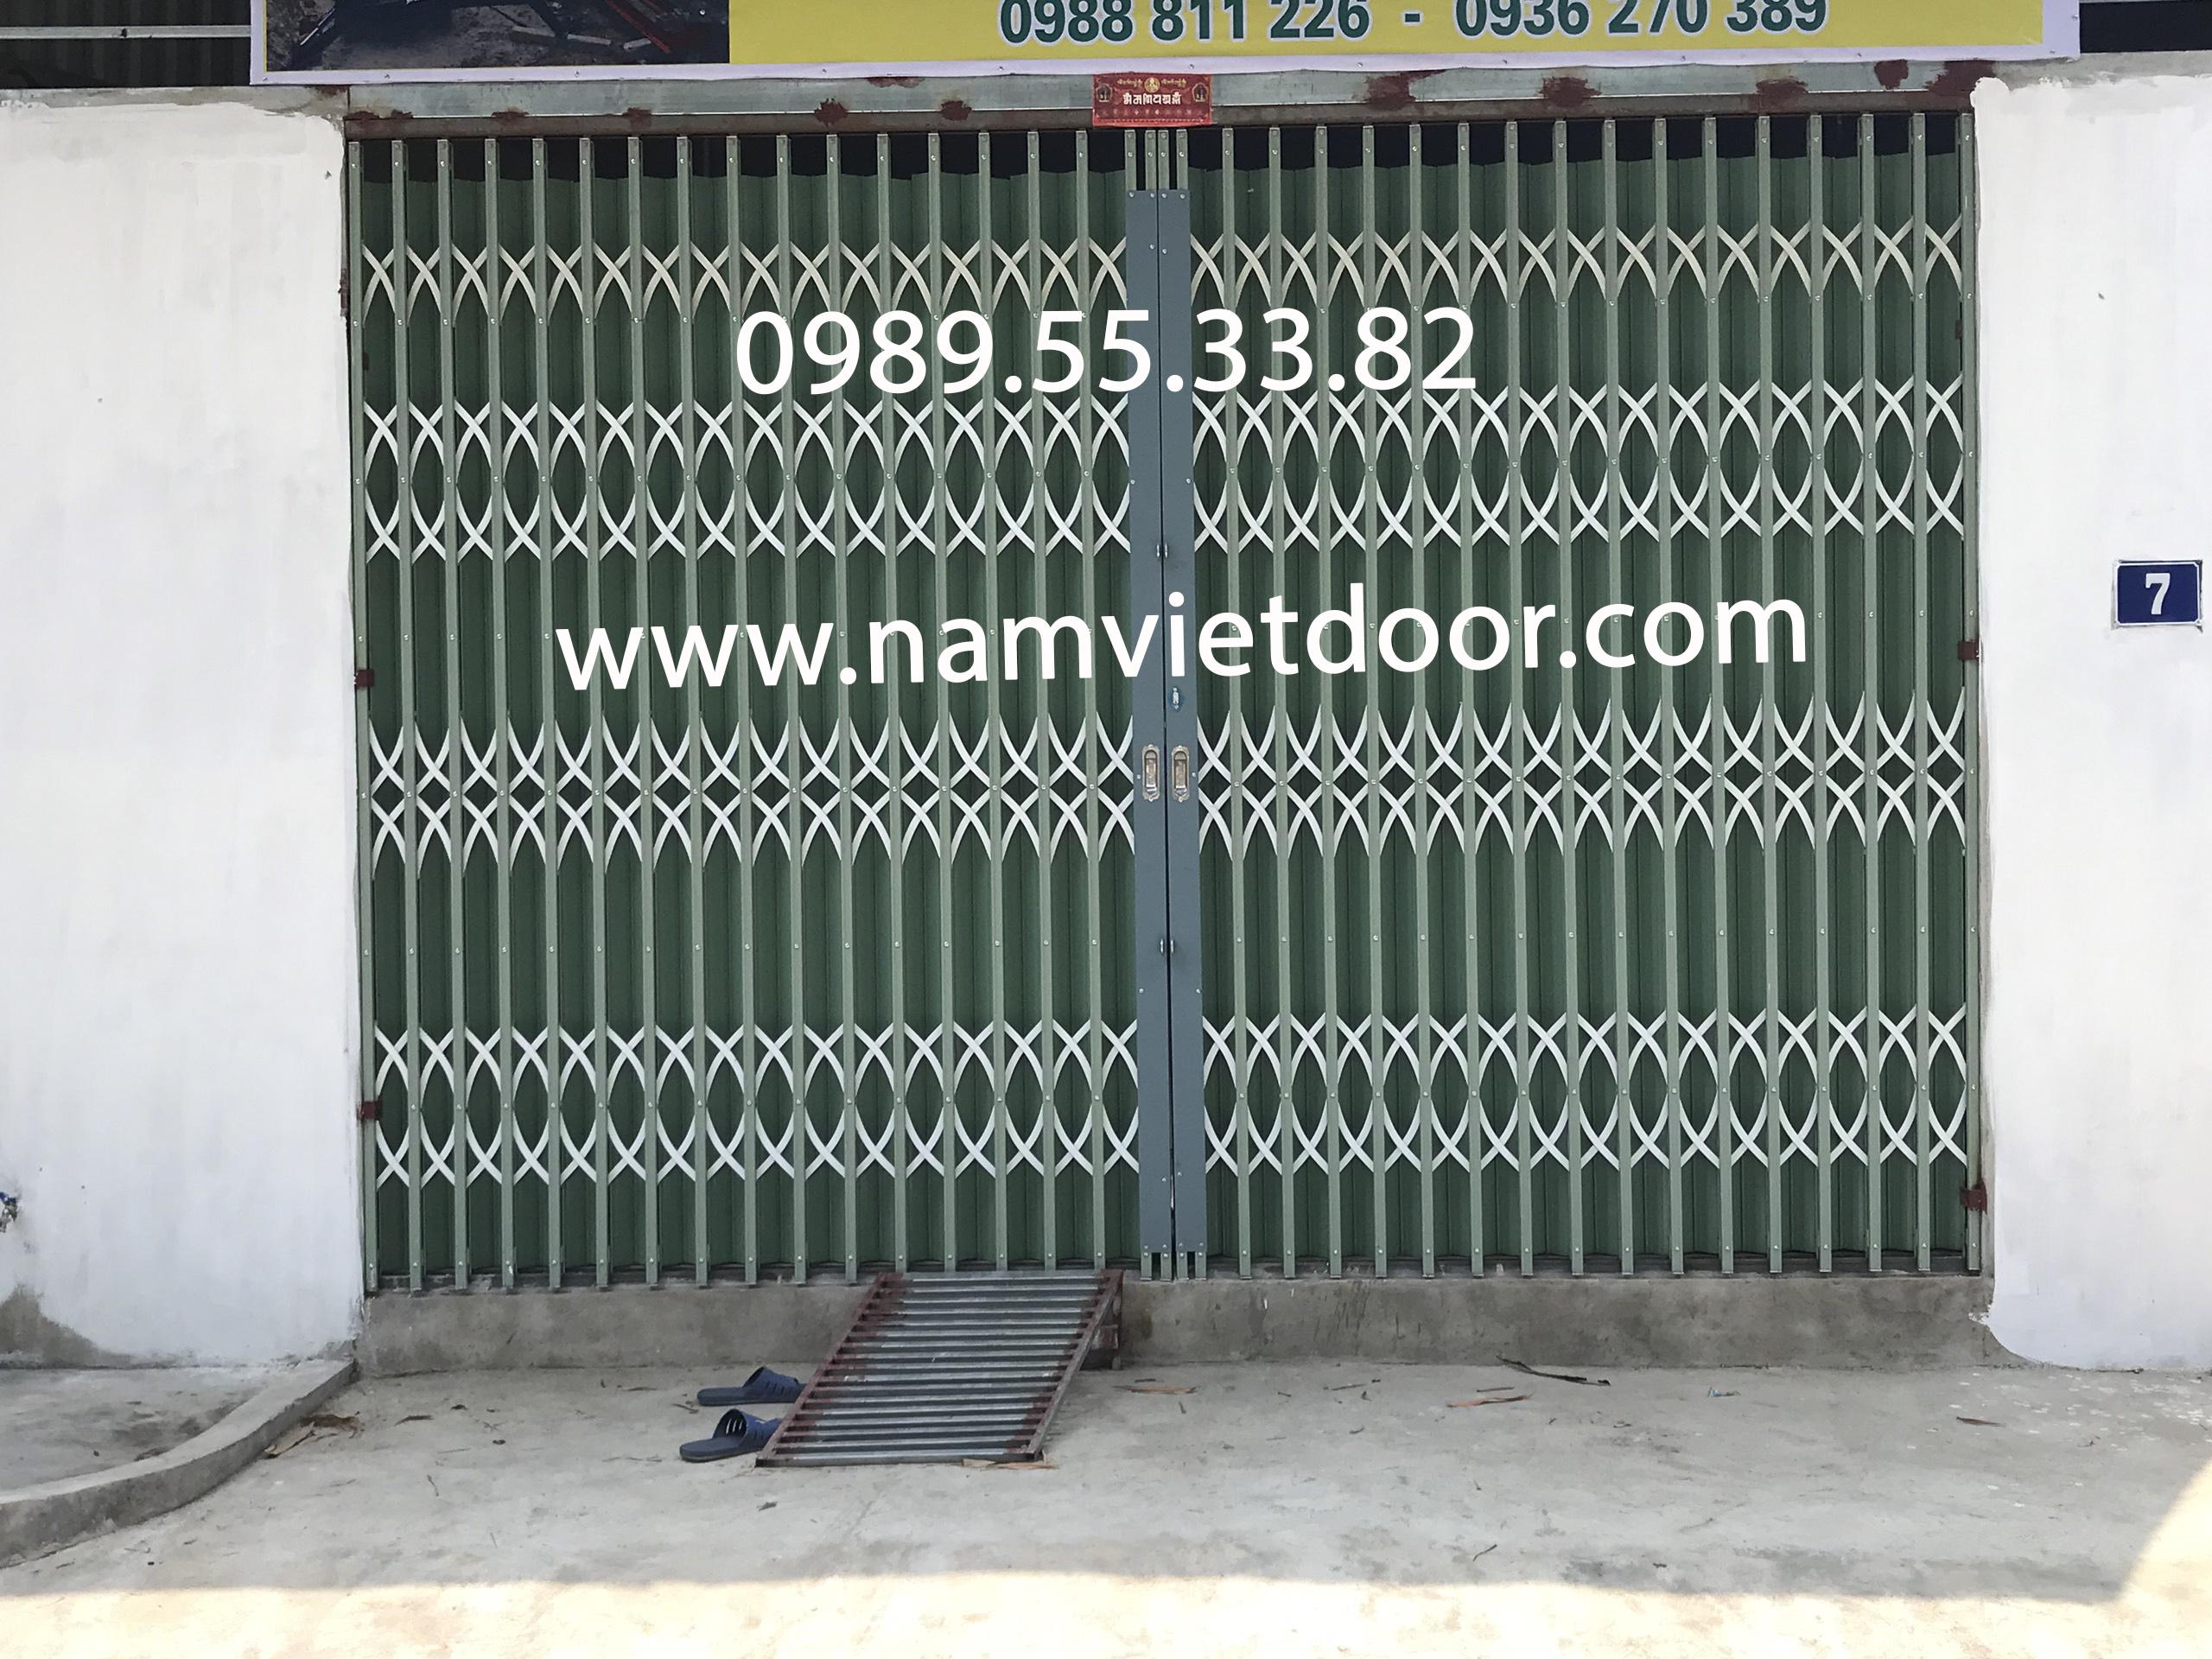 Cửa xếp Đài Loan cao cấp Nam Việt